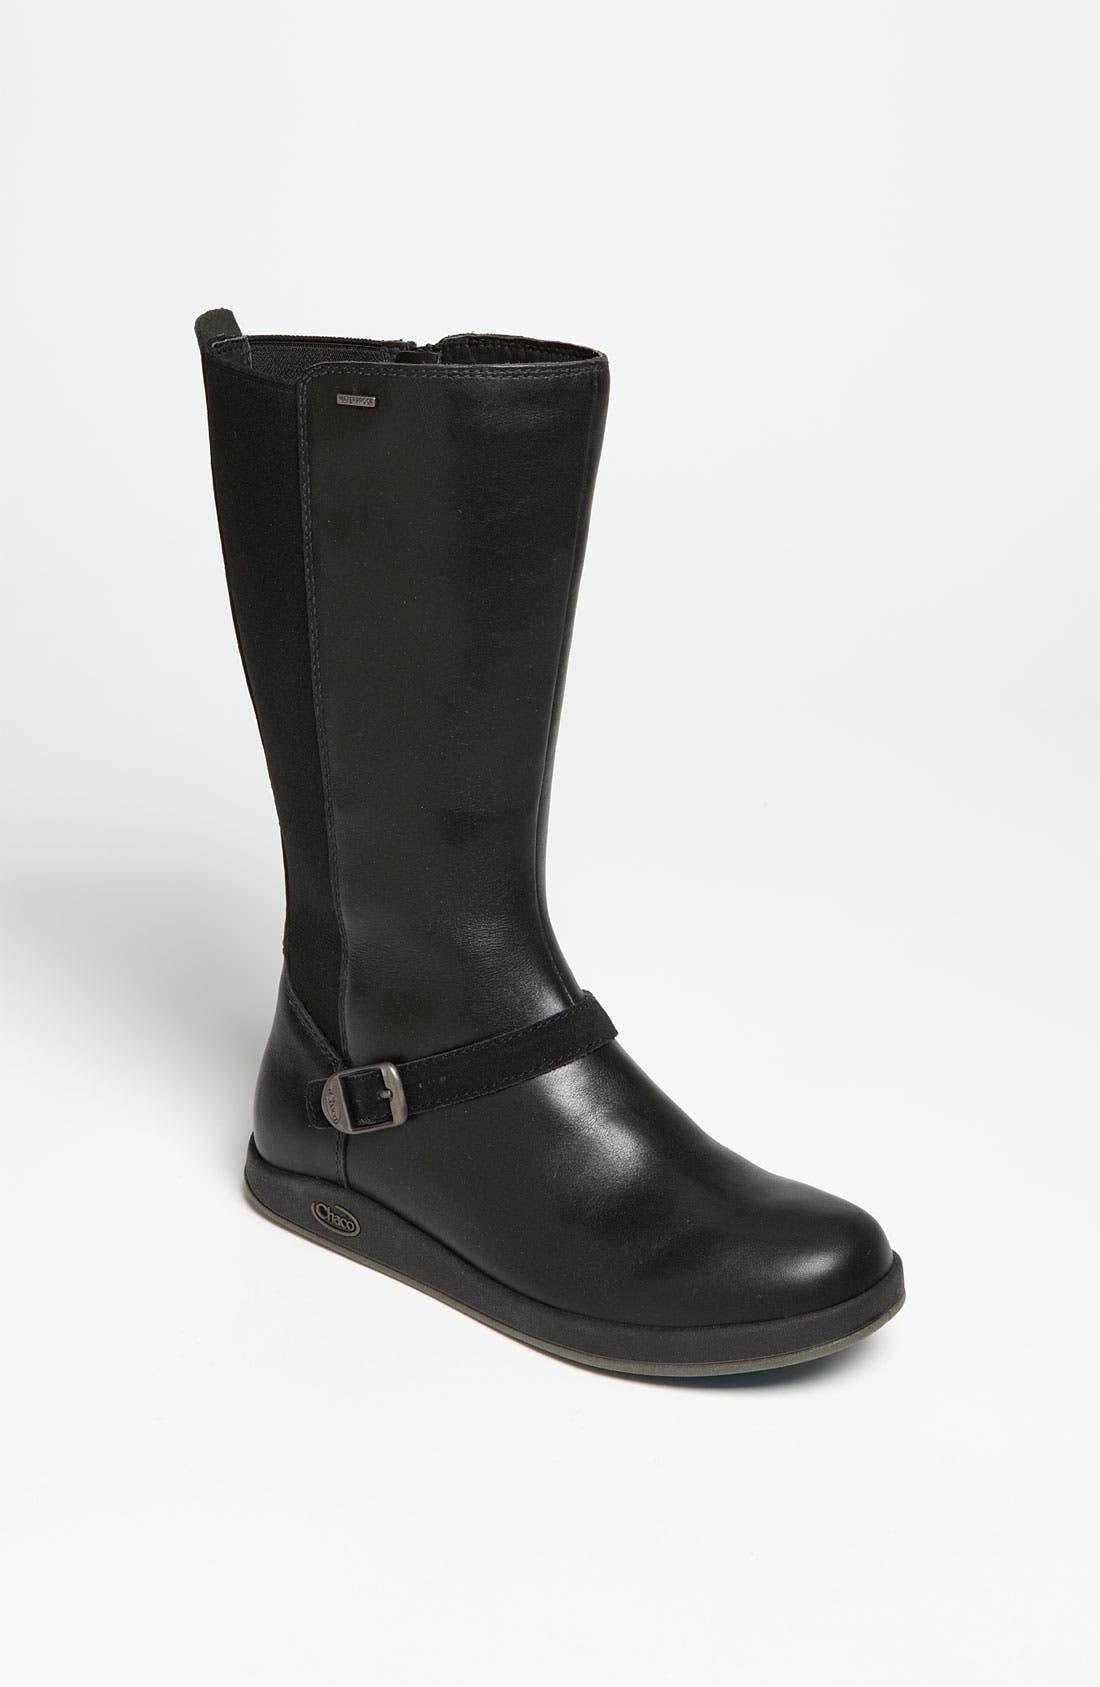 Main Image - Chaco 'Mara' Boot